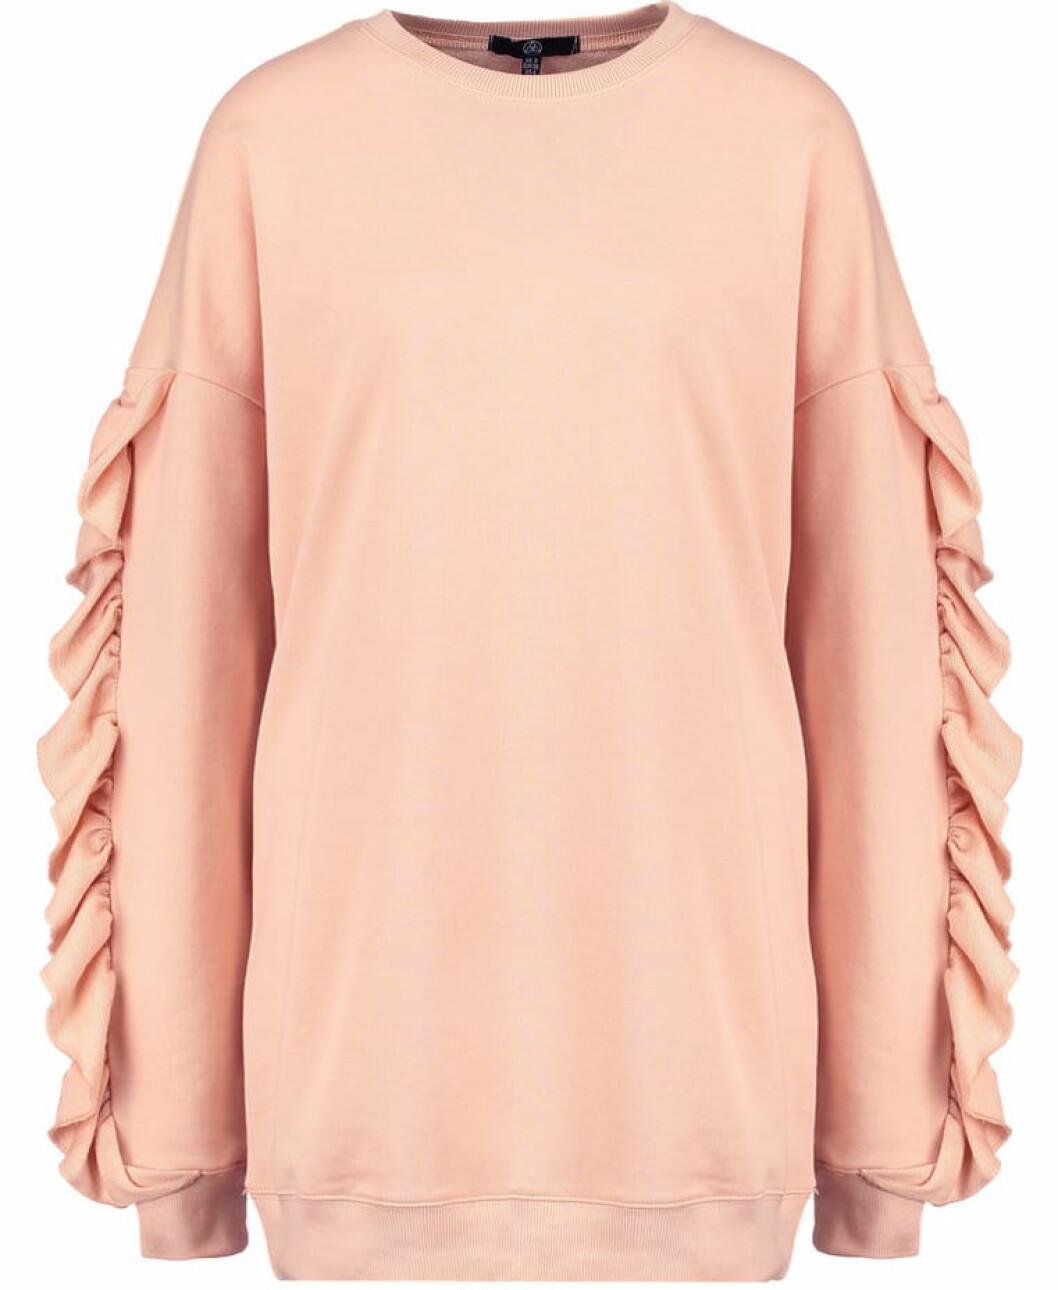 klanning sweatshirt